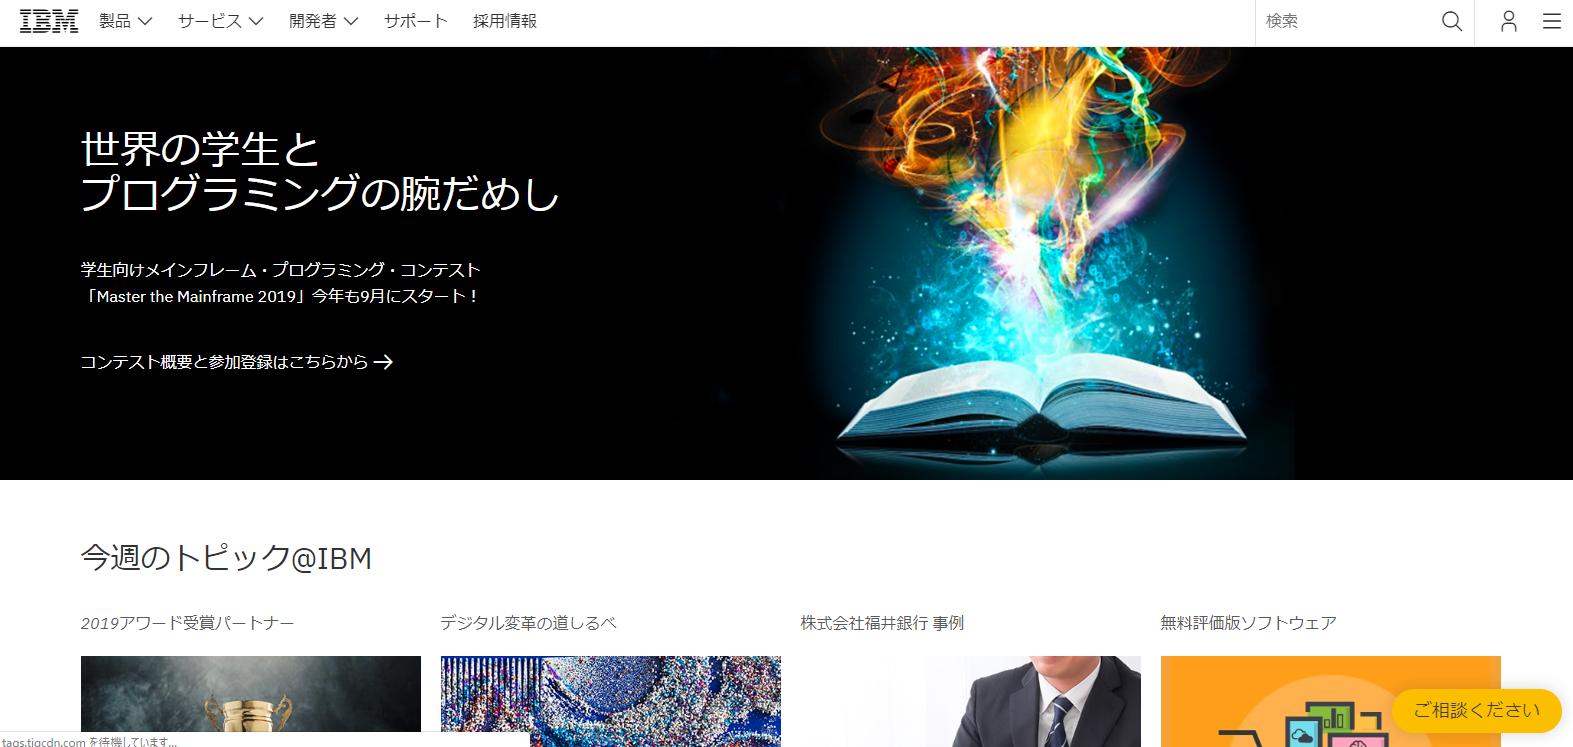 日本アイ・ビー・エム が織りなす 人文社会学と先端デジタル技術の融合